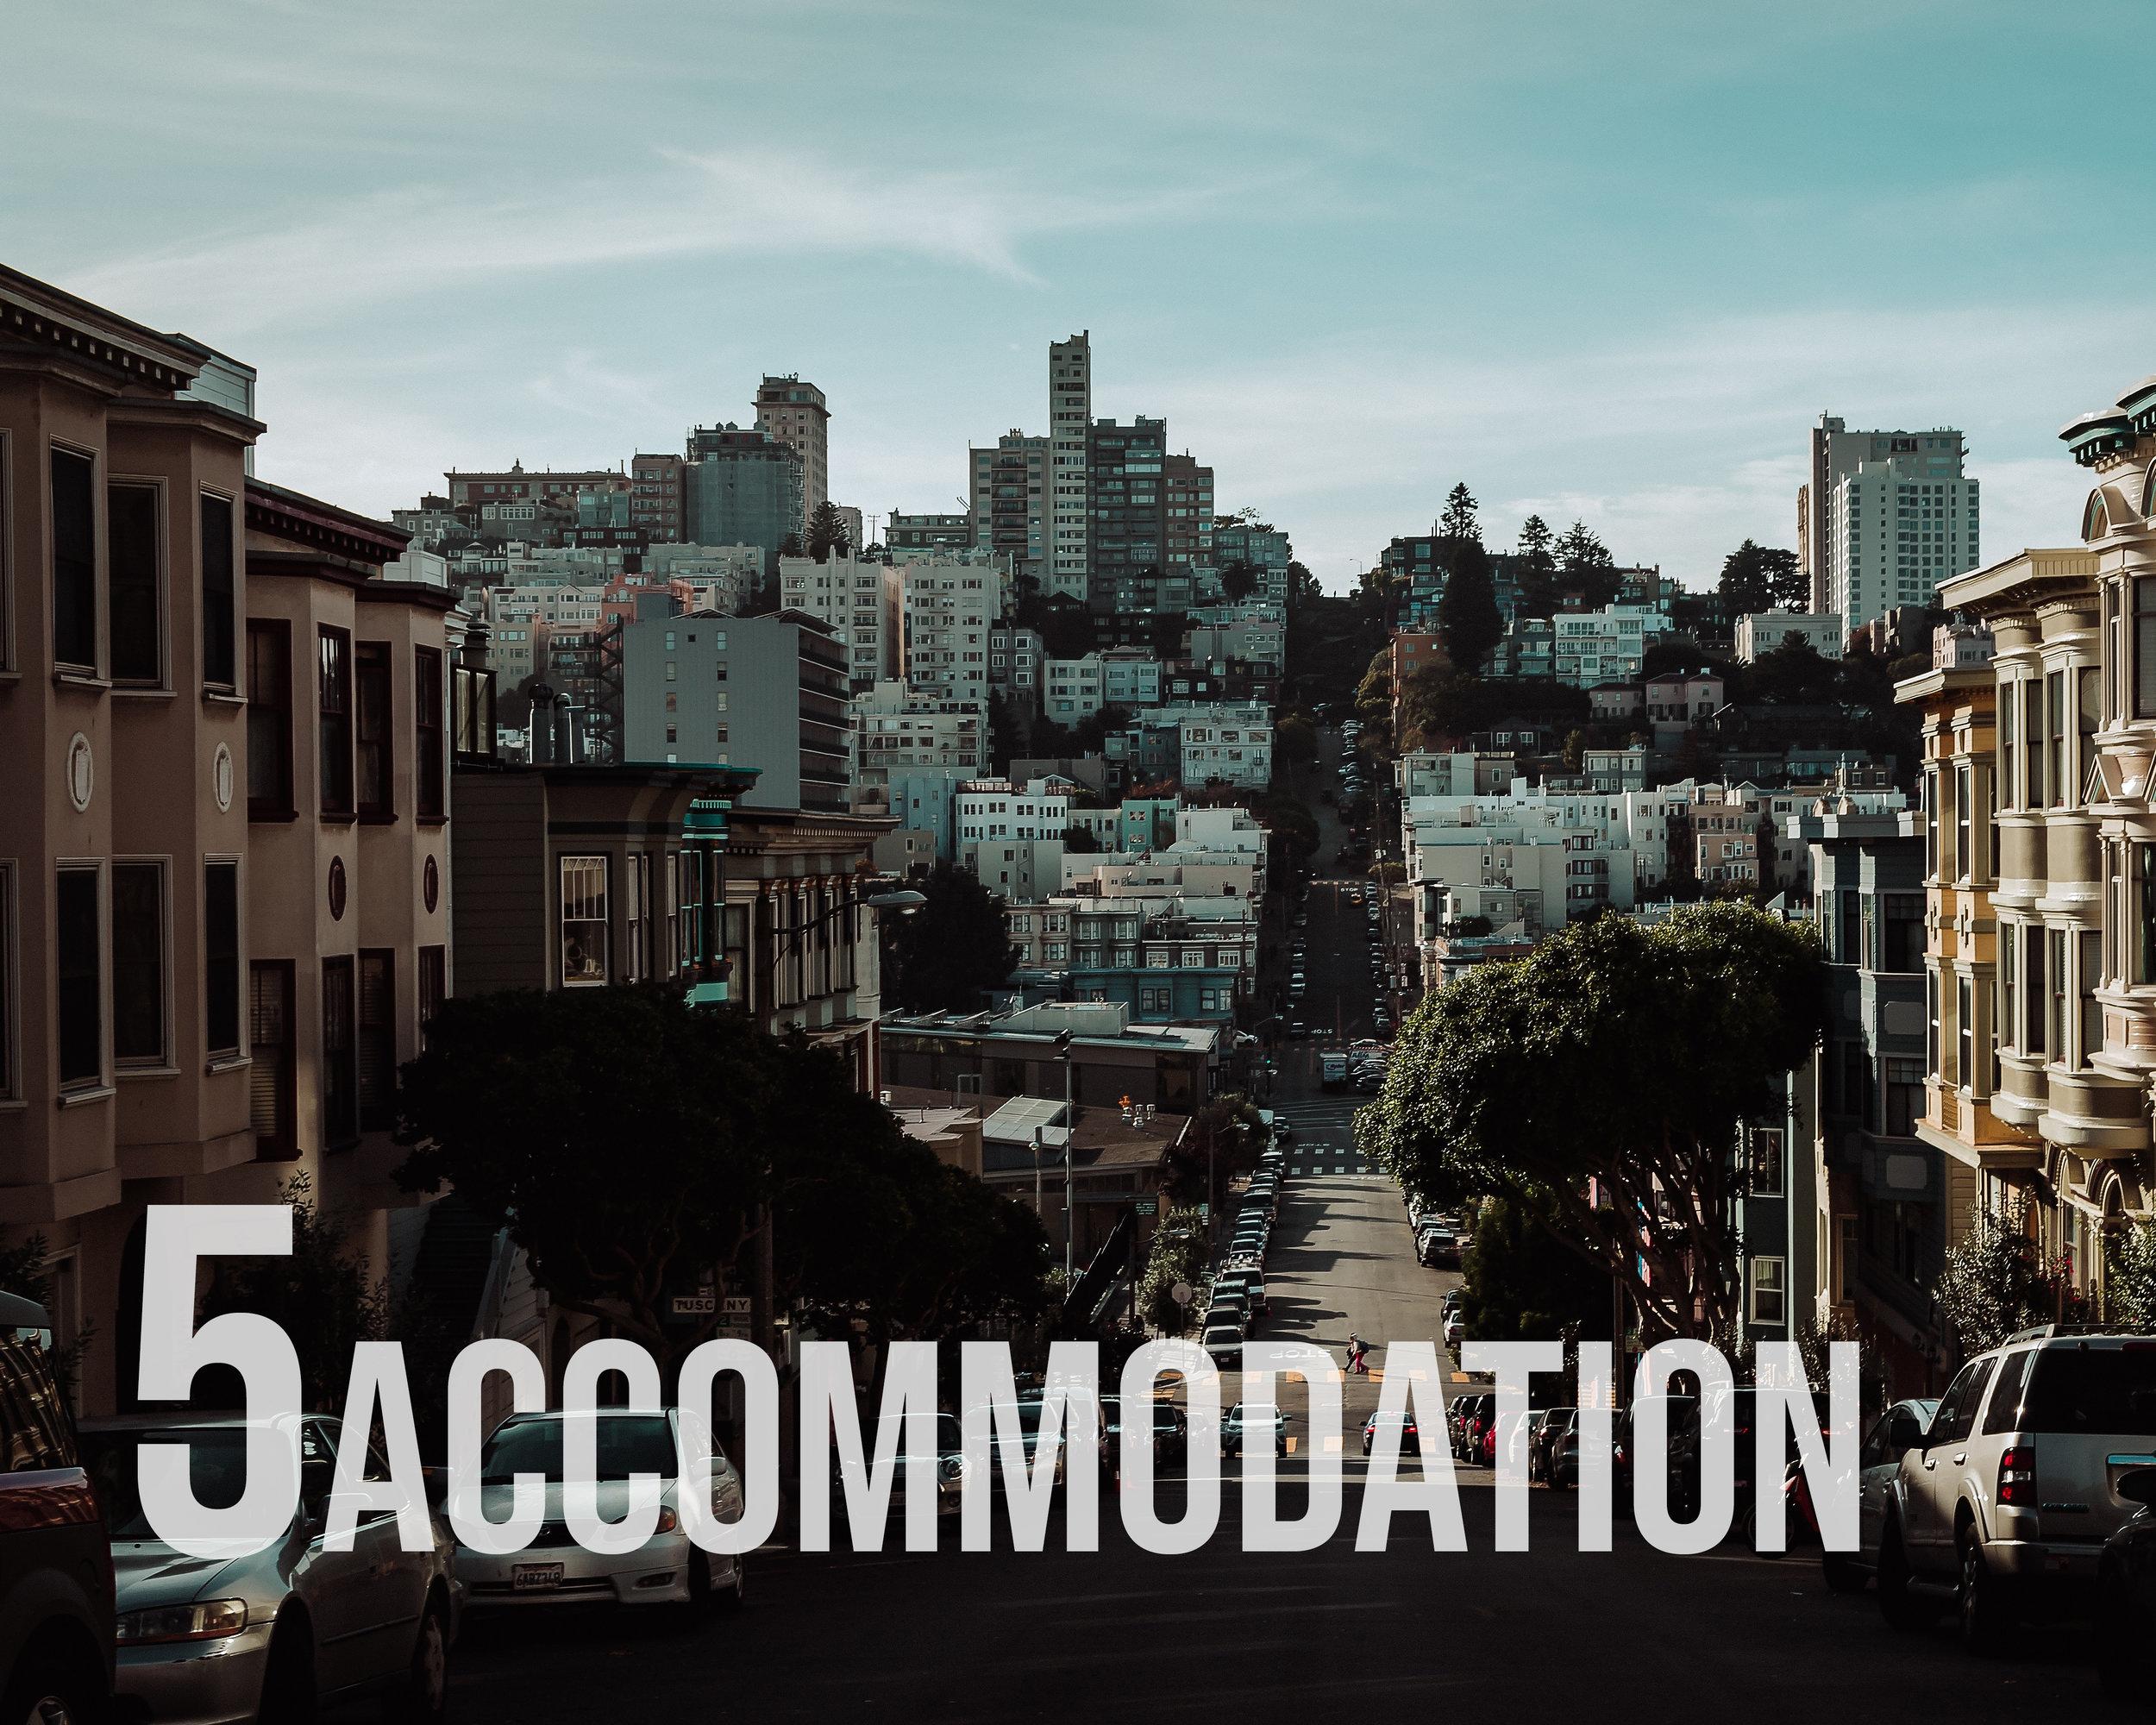 5 accommodation.jpg